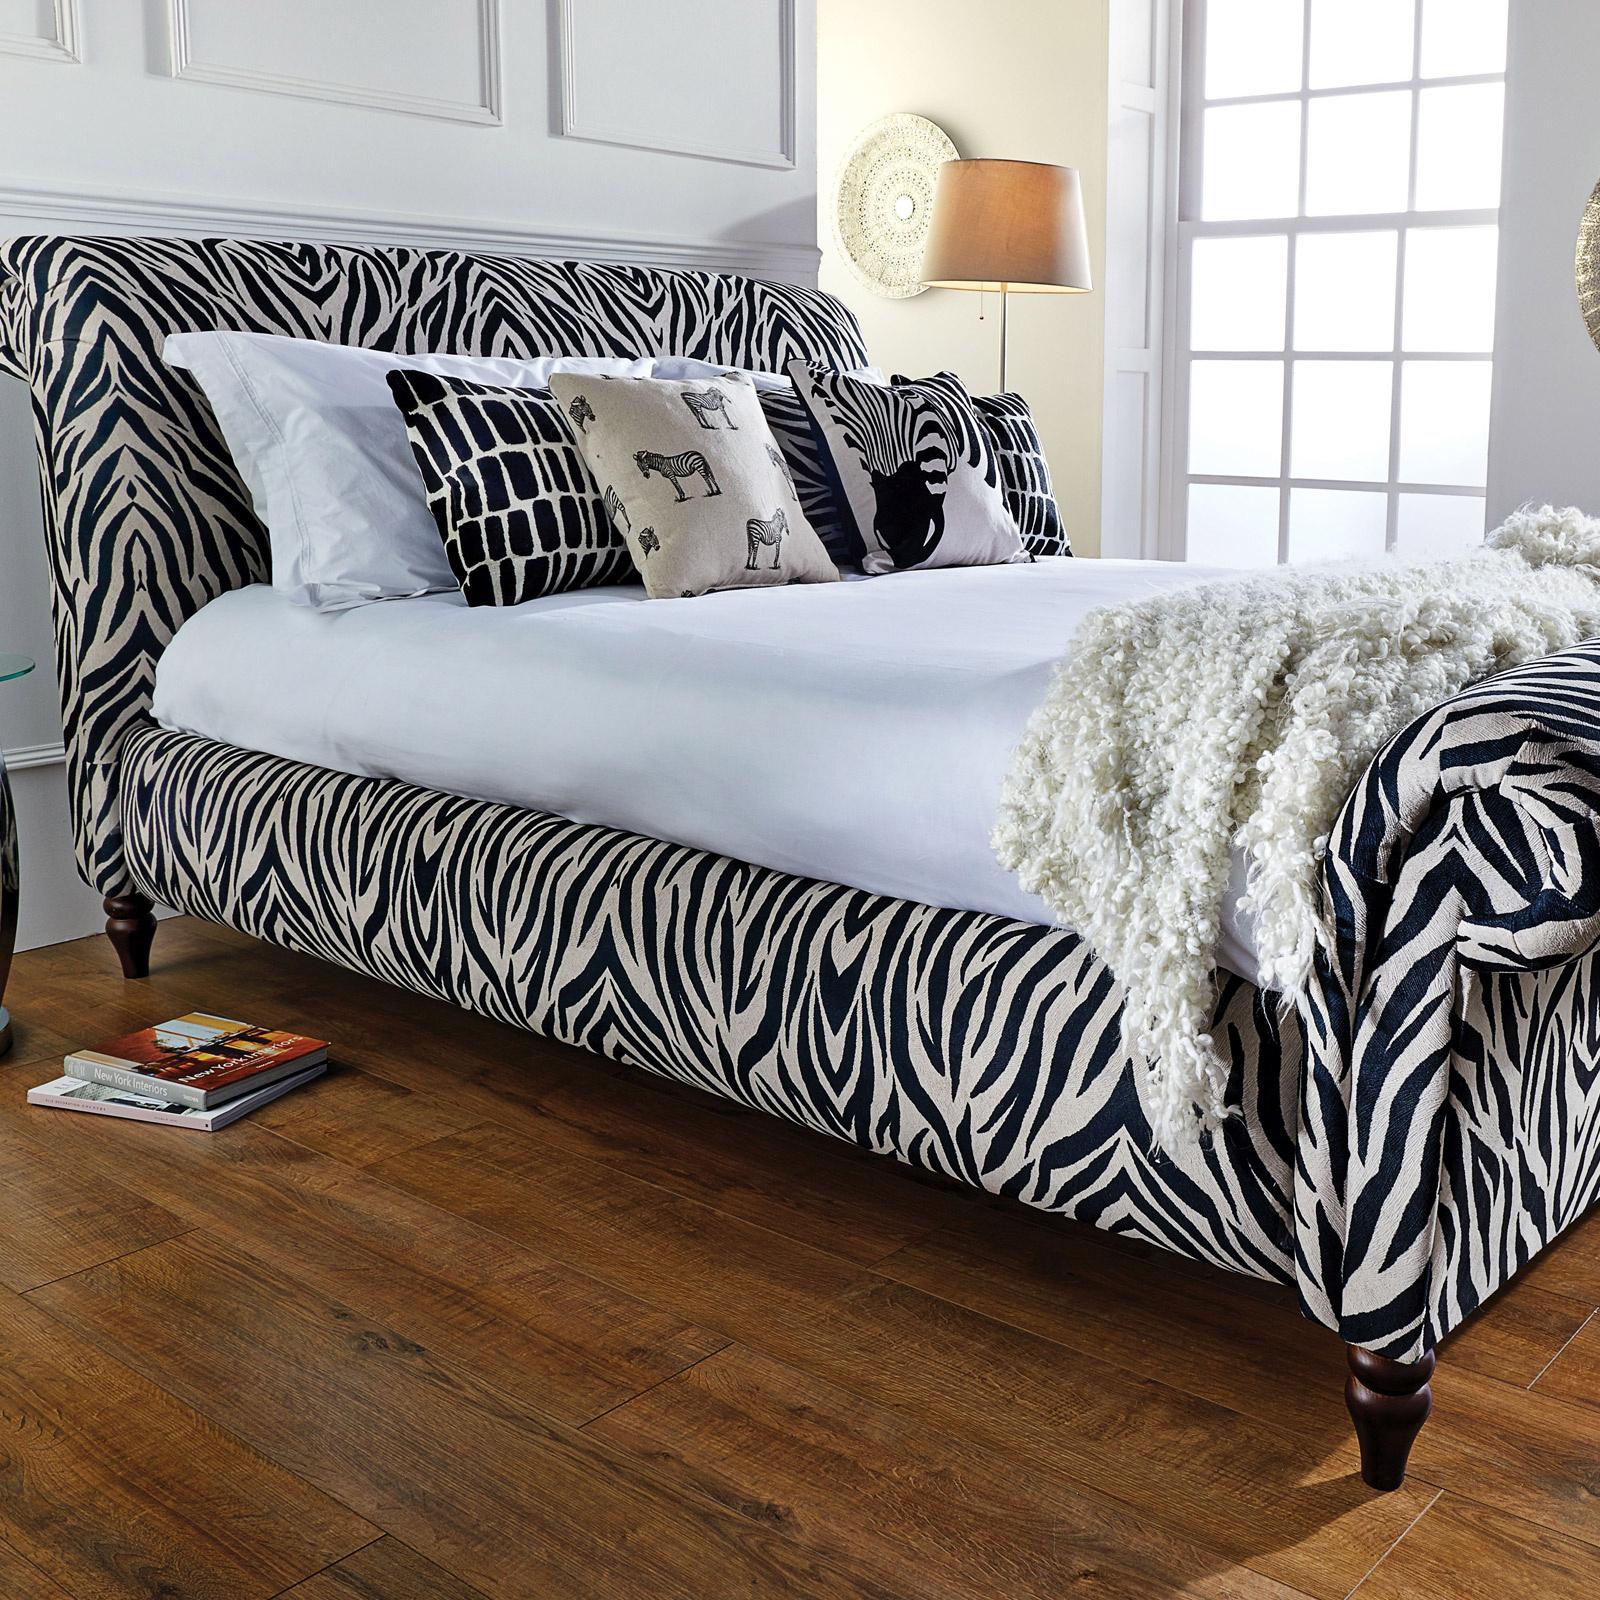 Afrique High End Bed Frame Collection